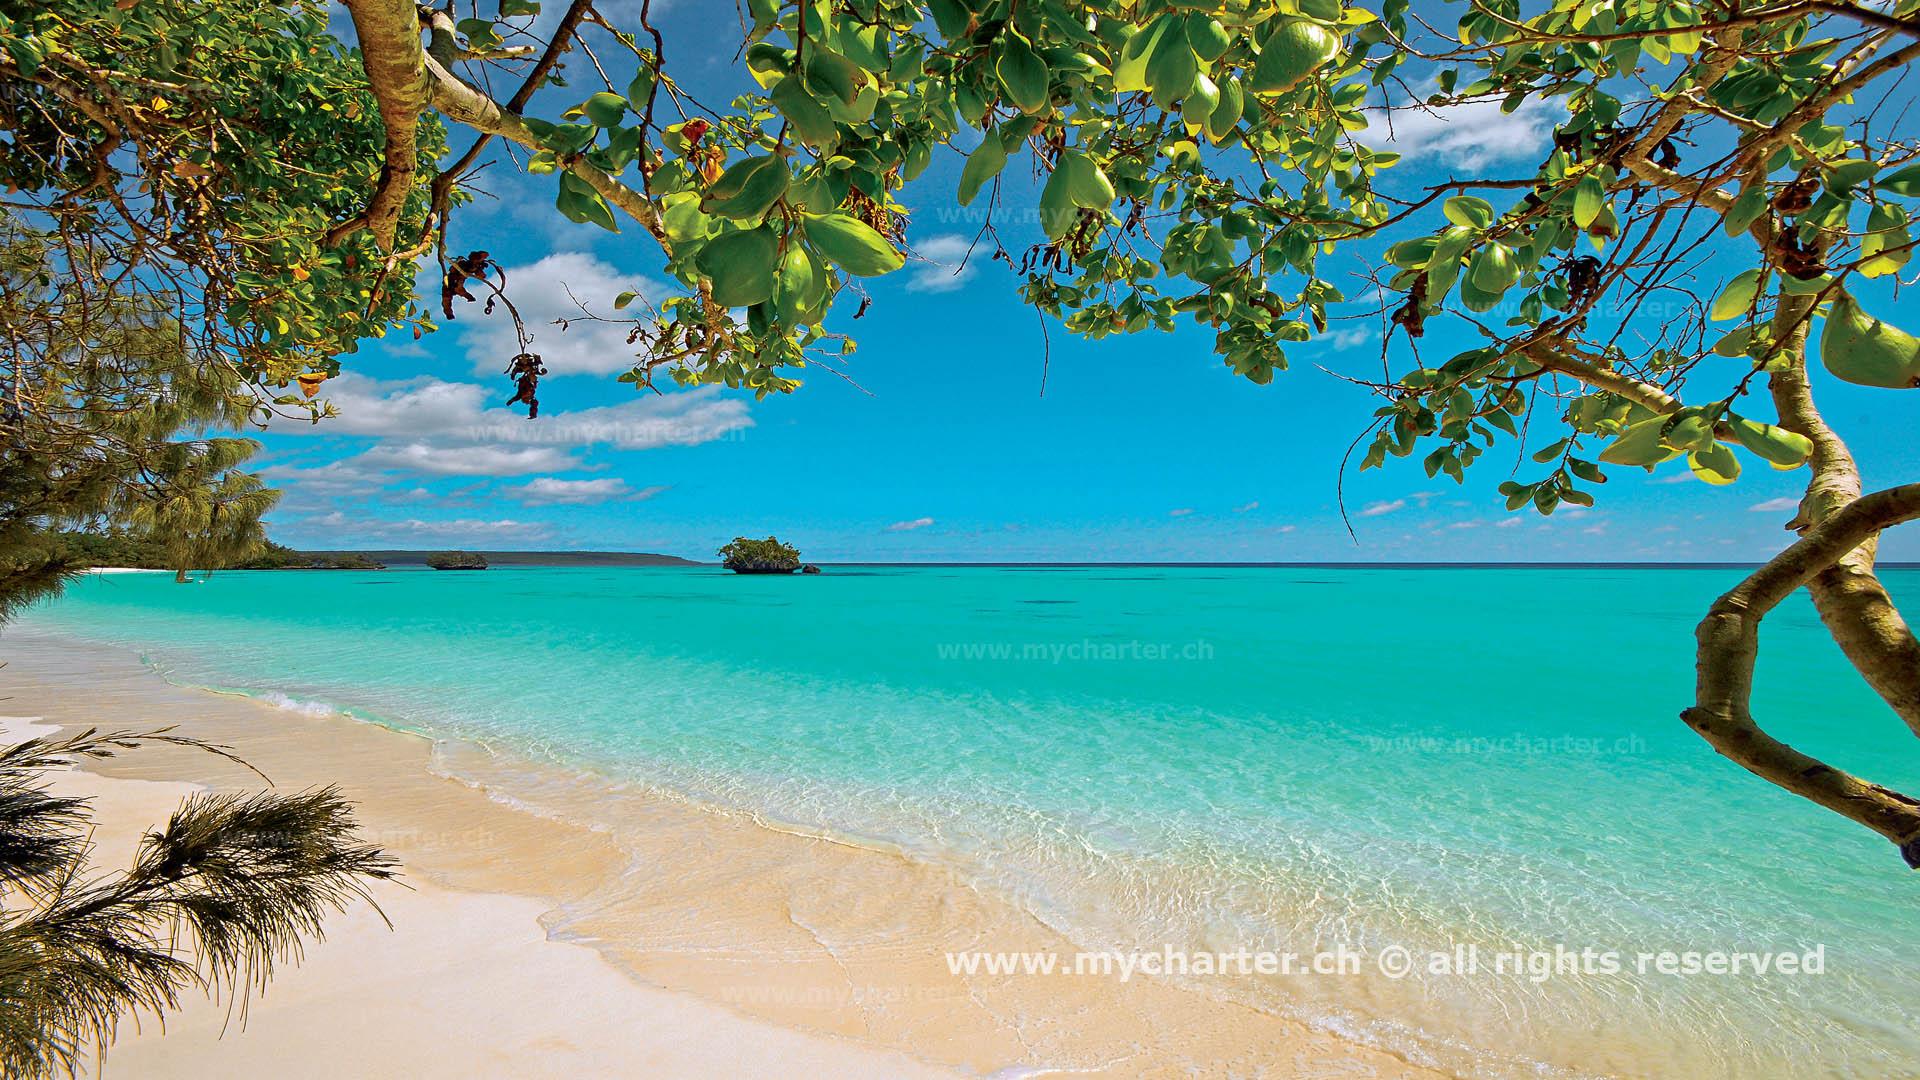 crewed charter Neukaledonien - Insel Lifou